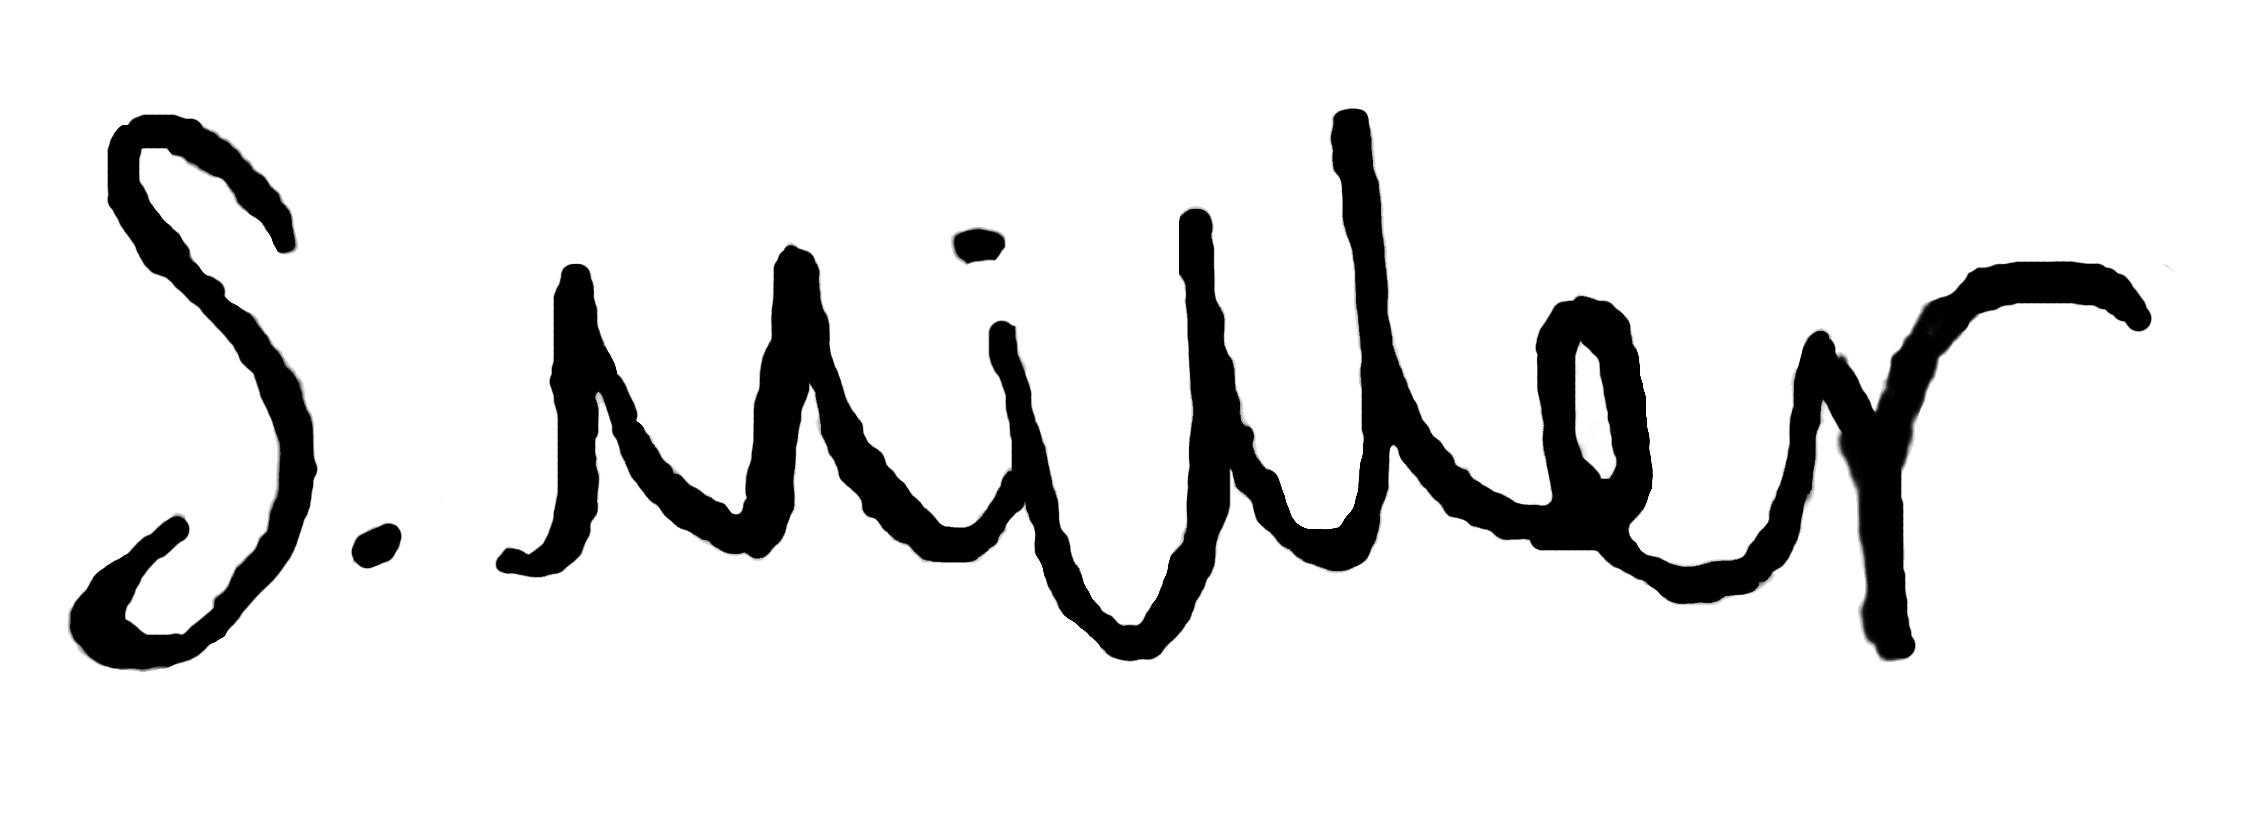 Sophie Miller Signature